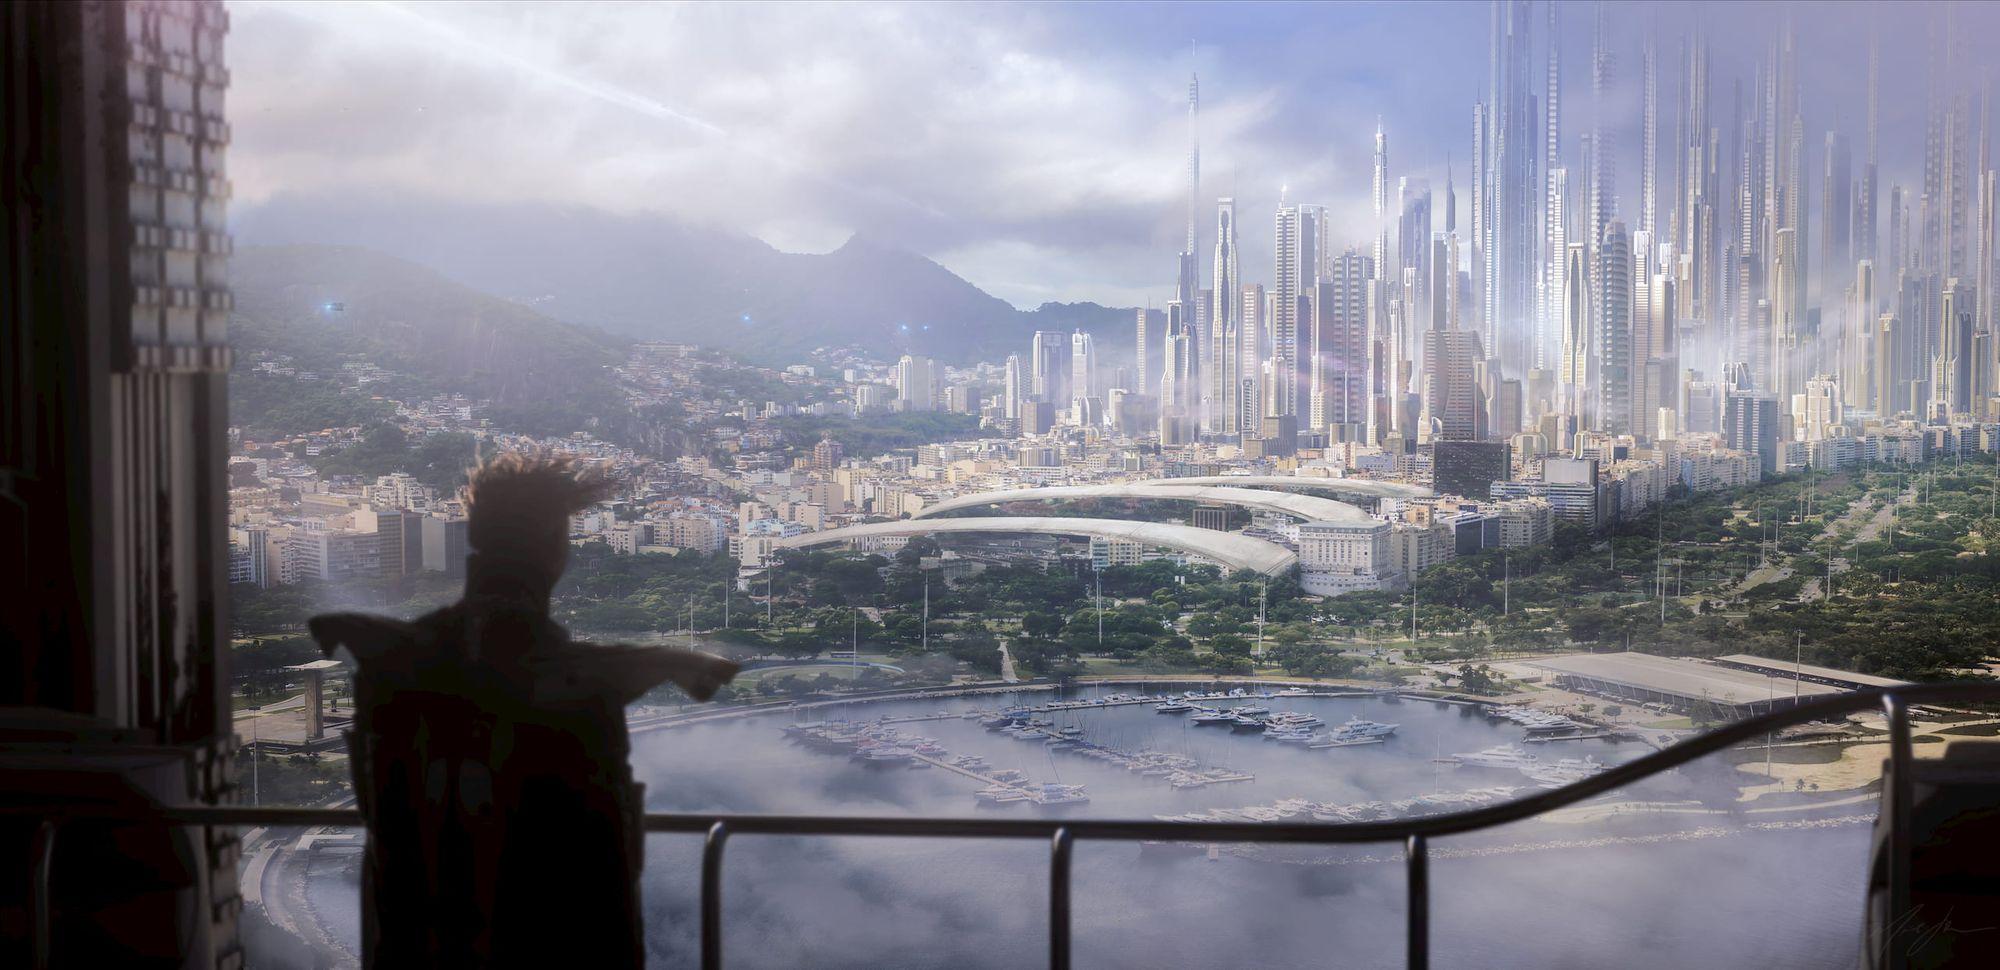 Rio Skyline Tutorial